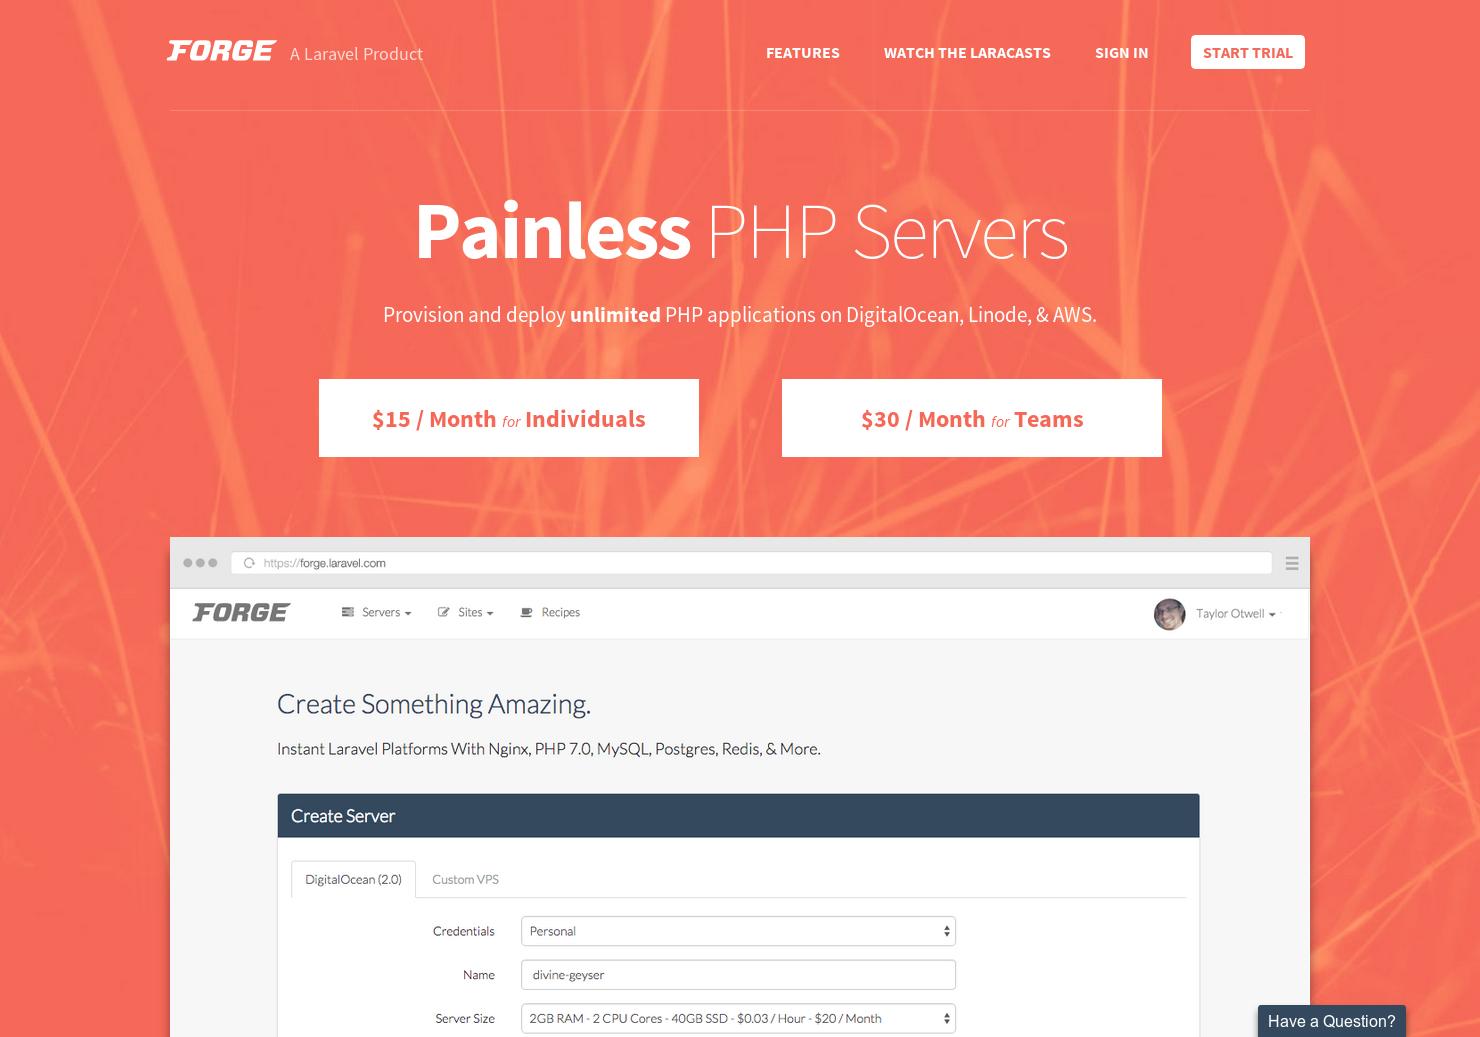 Laravel Forge - Instant PHP platforms on Linode, DigitalOcean, and